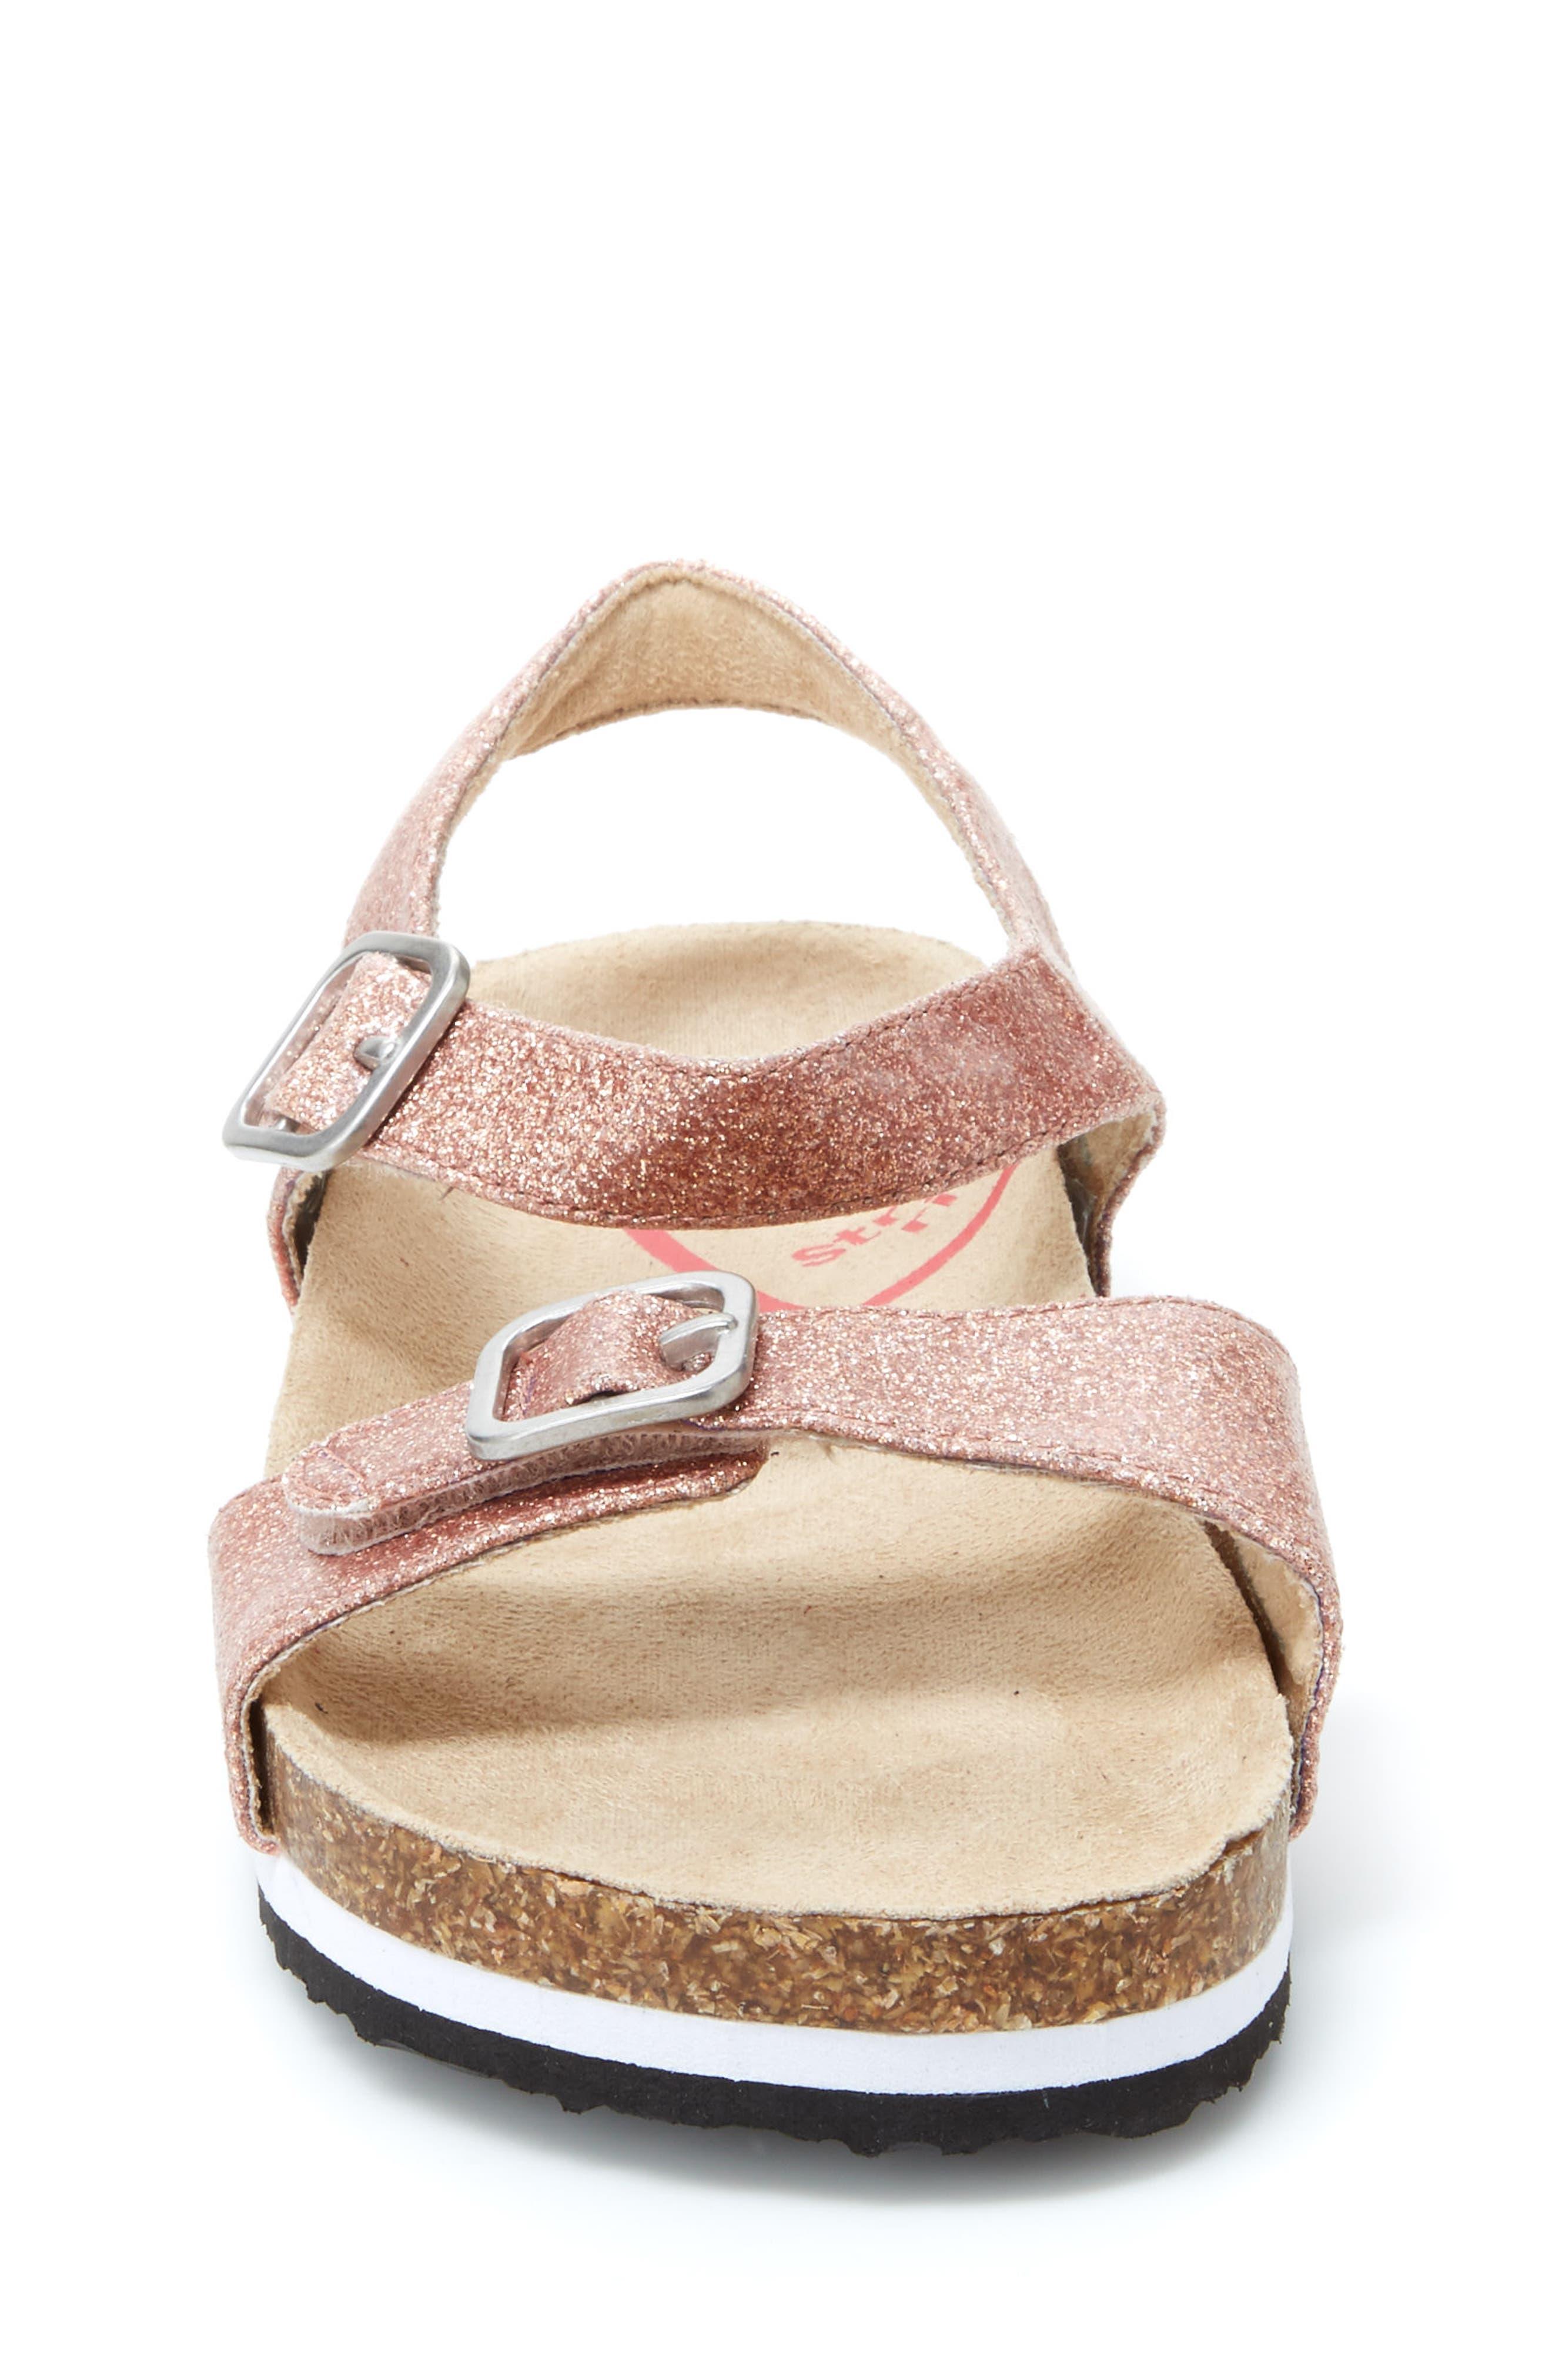 Zuly Glitter Sandal,                             Alternate thumbnail 3, color,                             ROSE GOLD